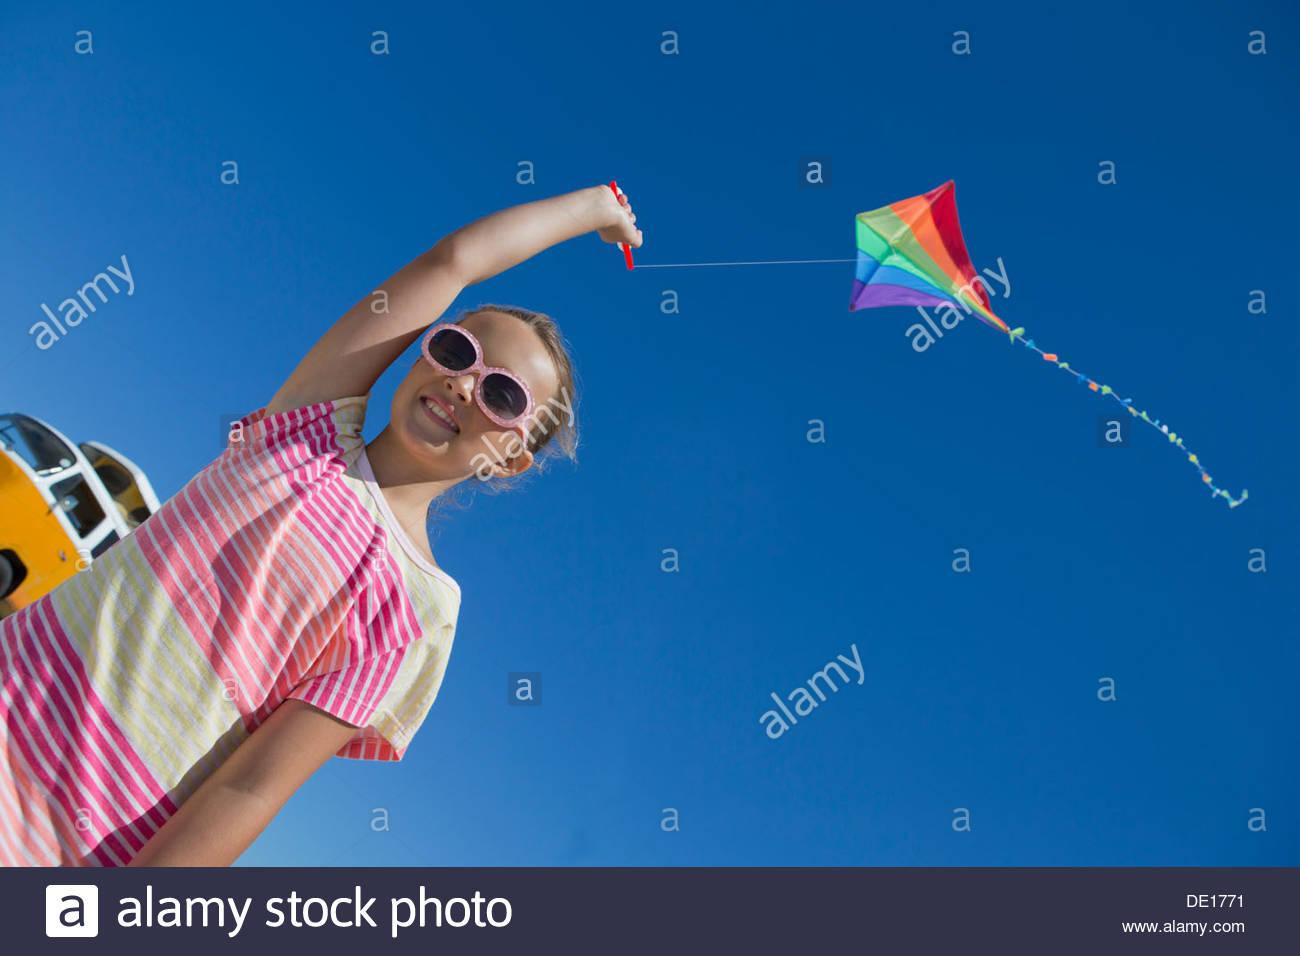 Mädchen, die Drachen gegen blauen Himmel Stockbild